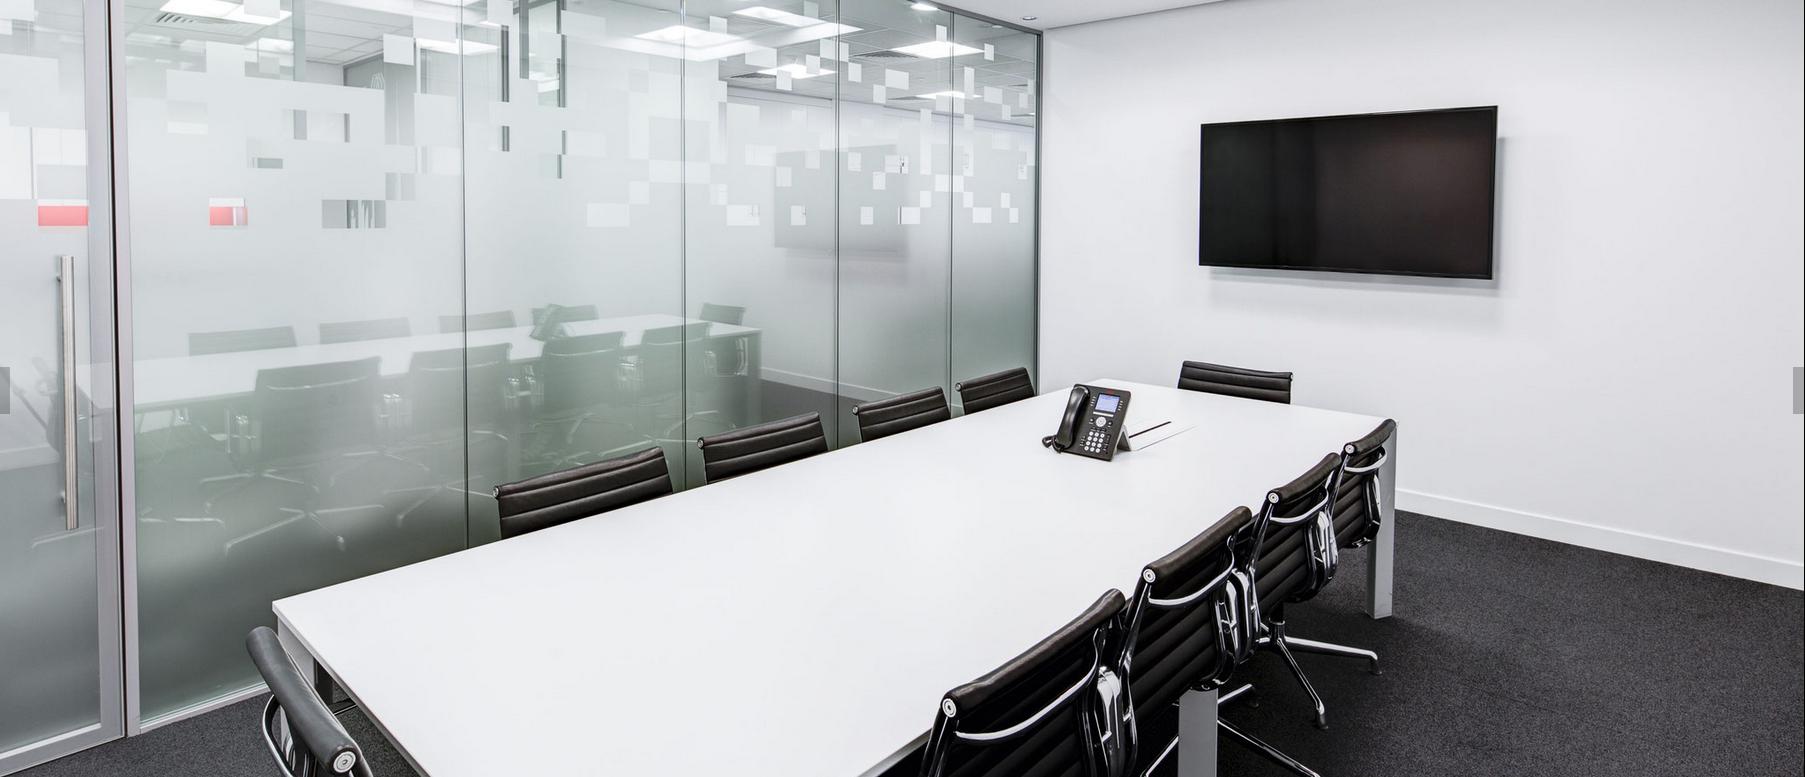 Raumklima Konferenzräume